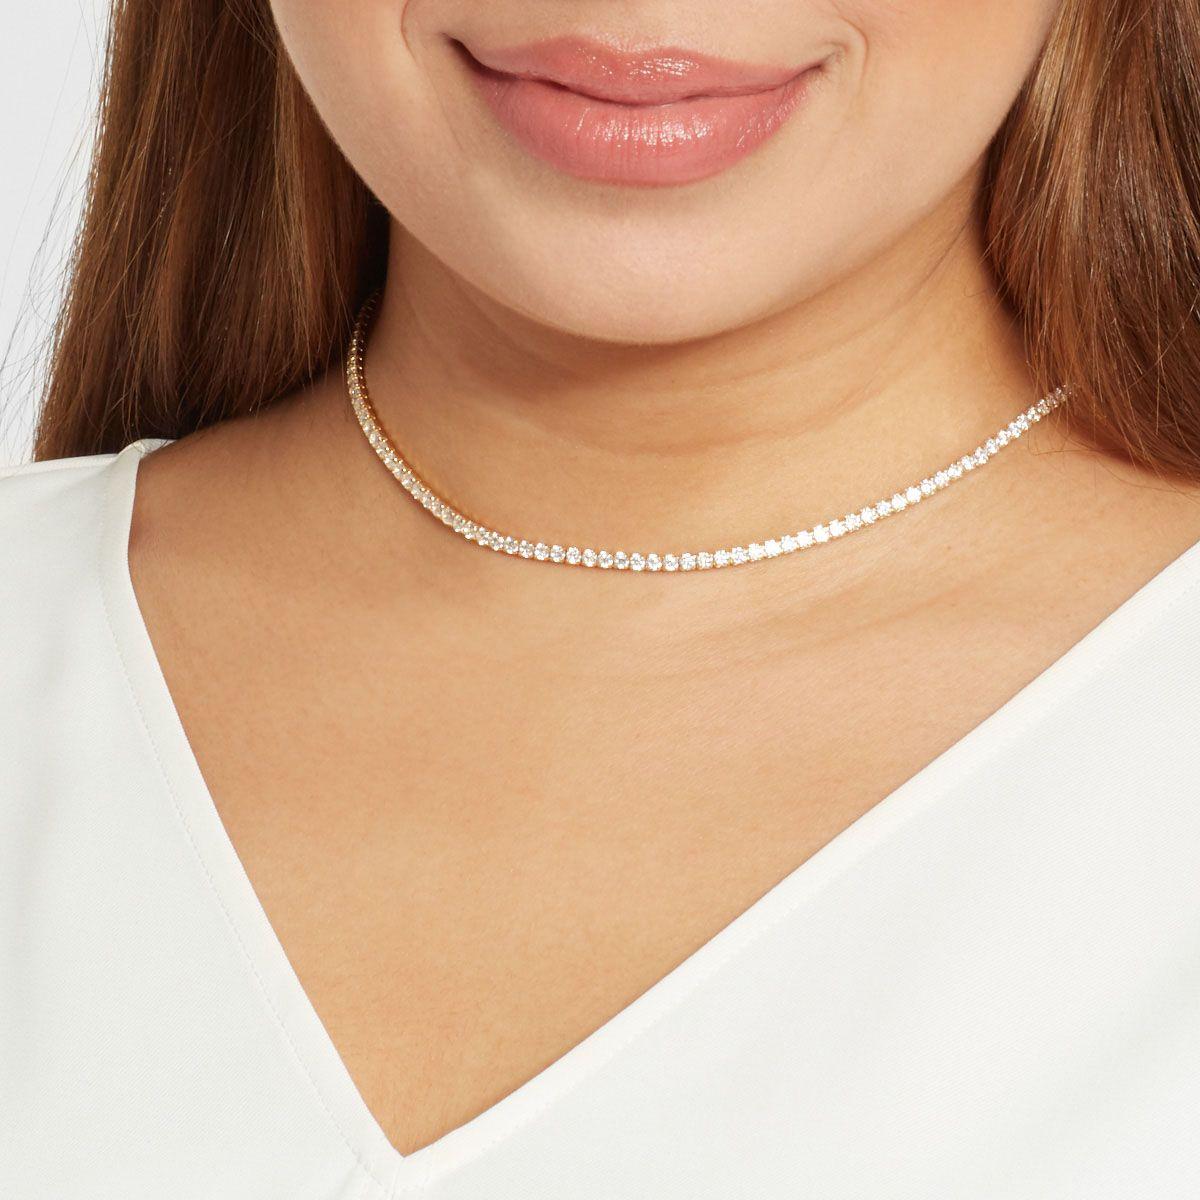 Tennis Choker - Halsketten - Silber